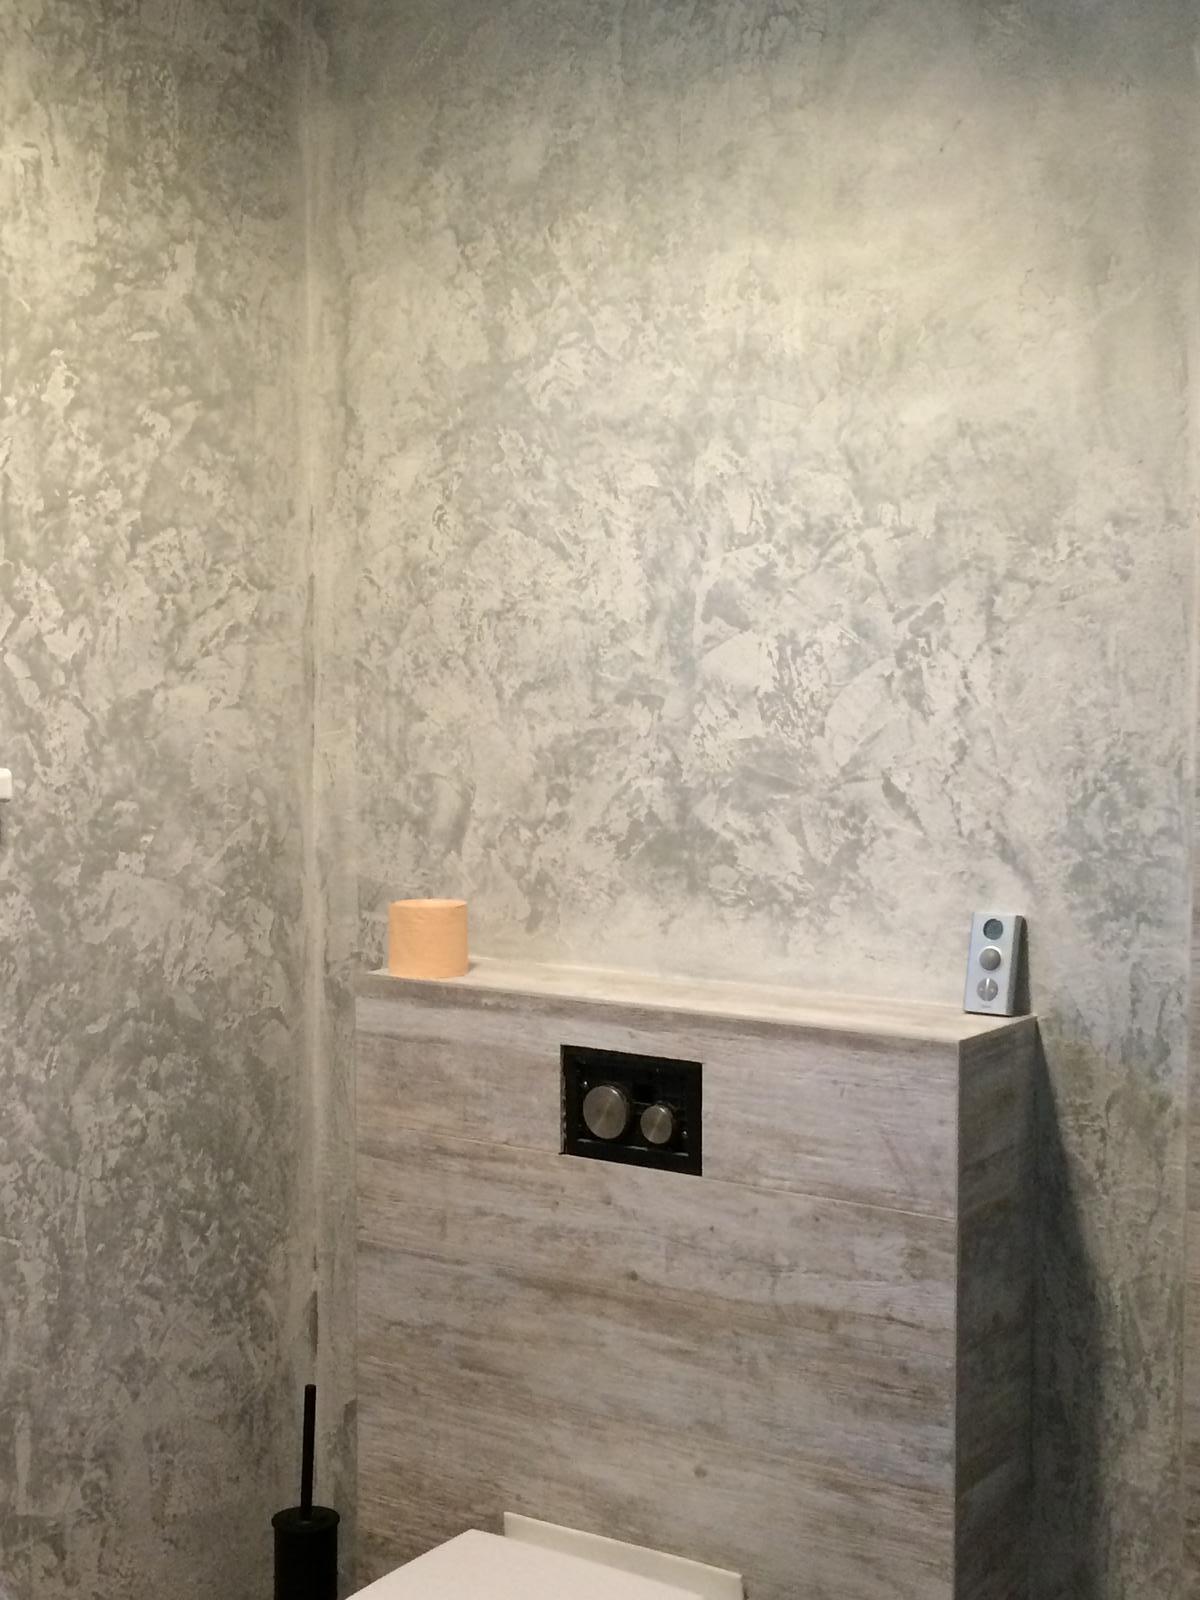 Splněný sen ... domeček - Finalni podoba betonove sterky v dolni koupelni - vcera dokonceno :) jupiii